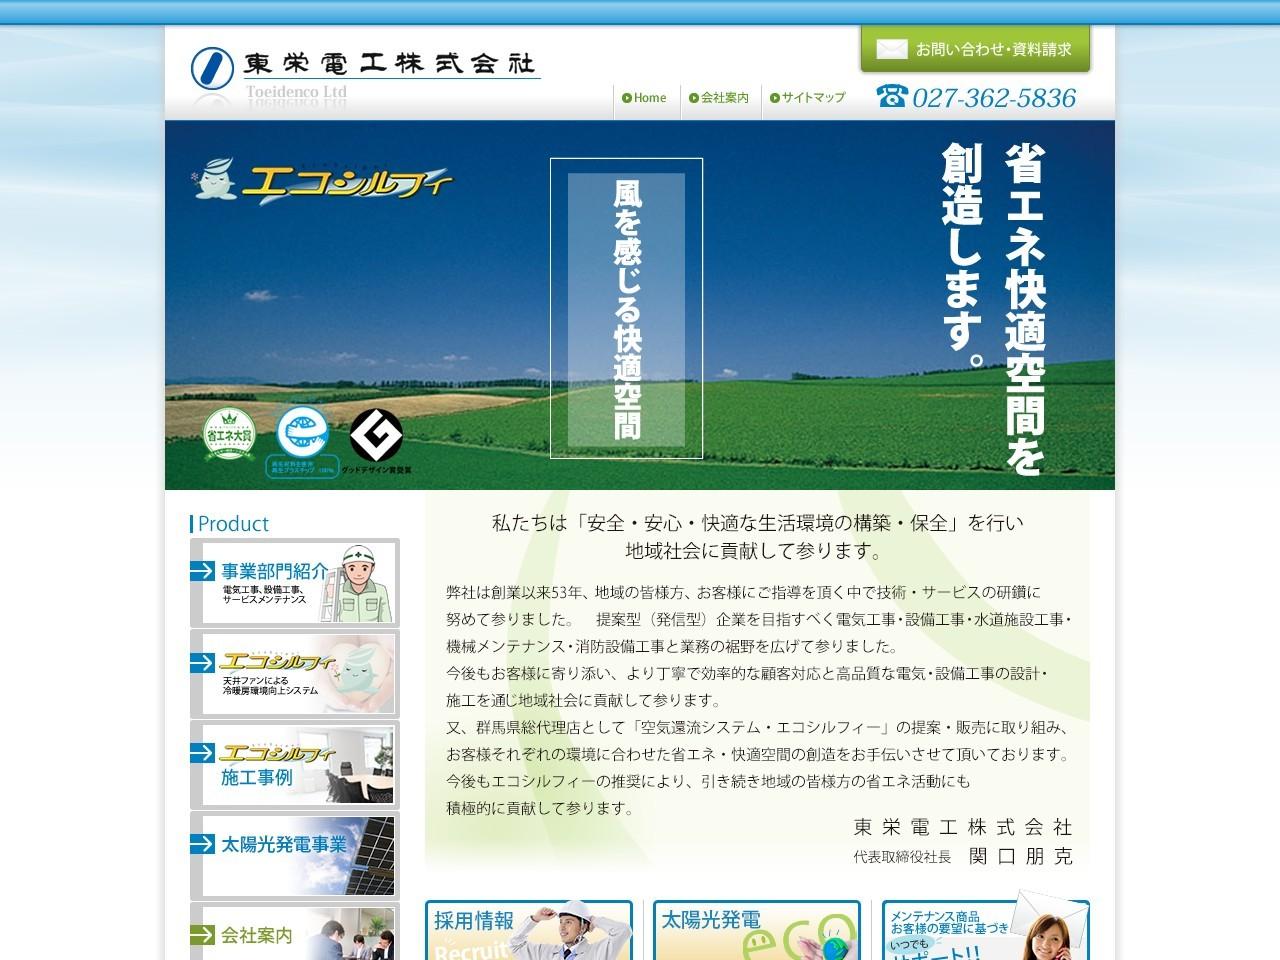 東栄電工株式会社